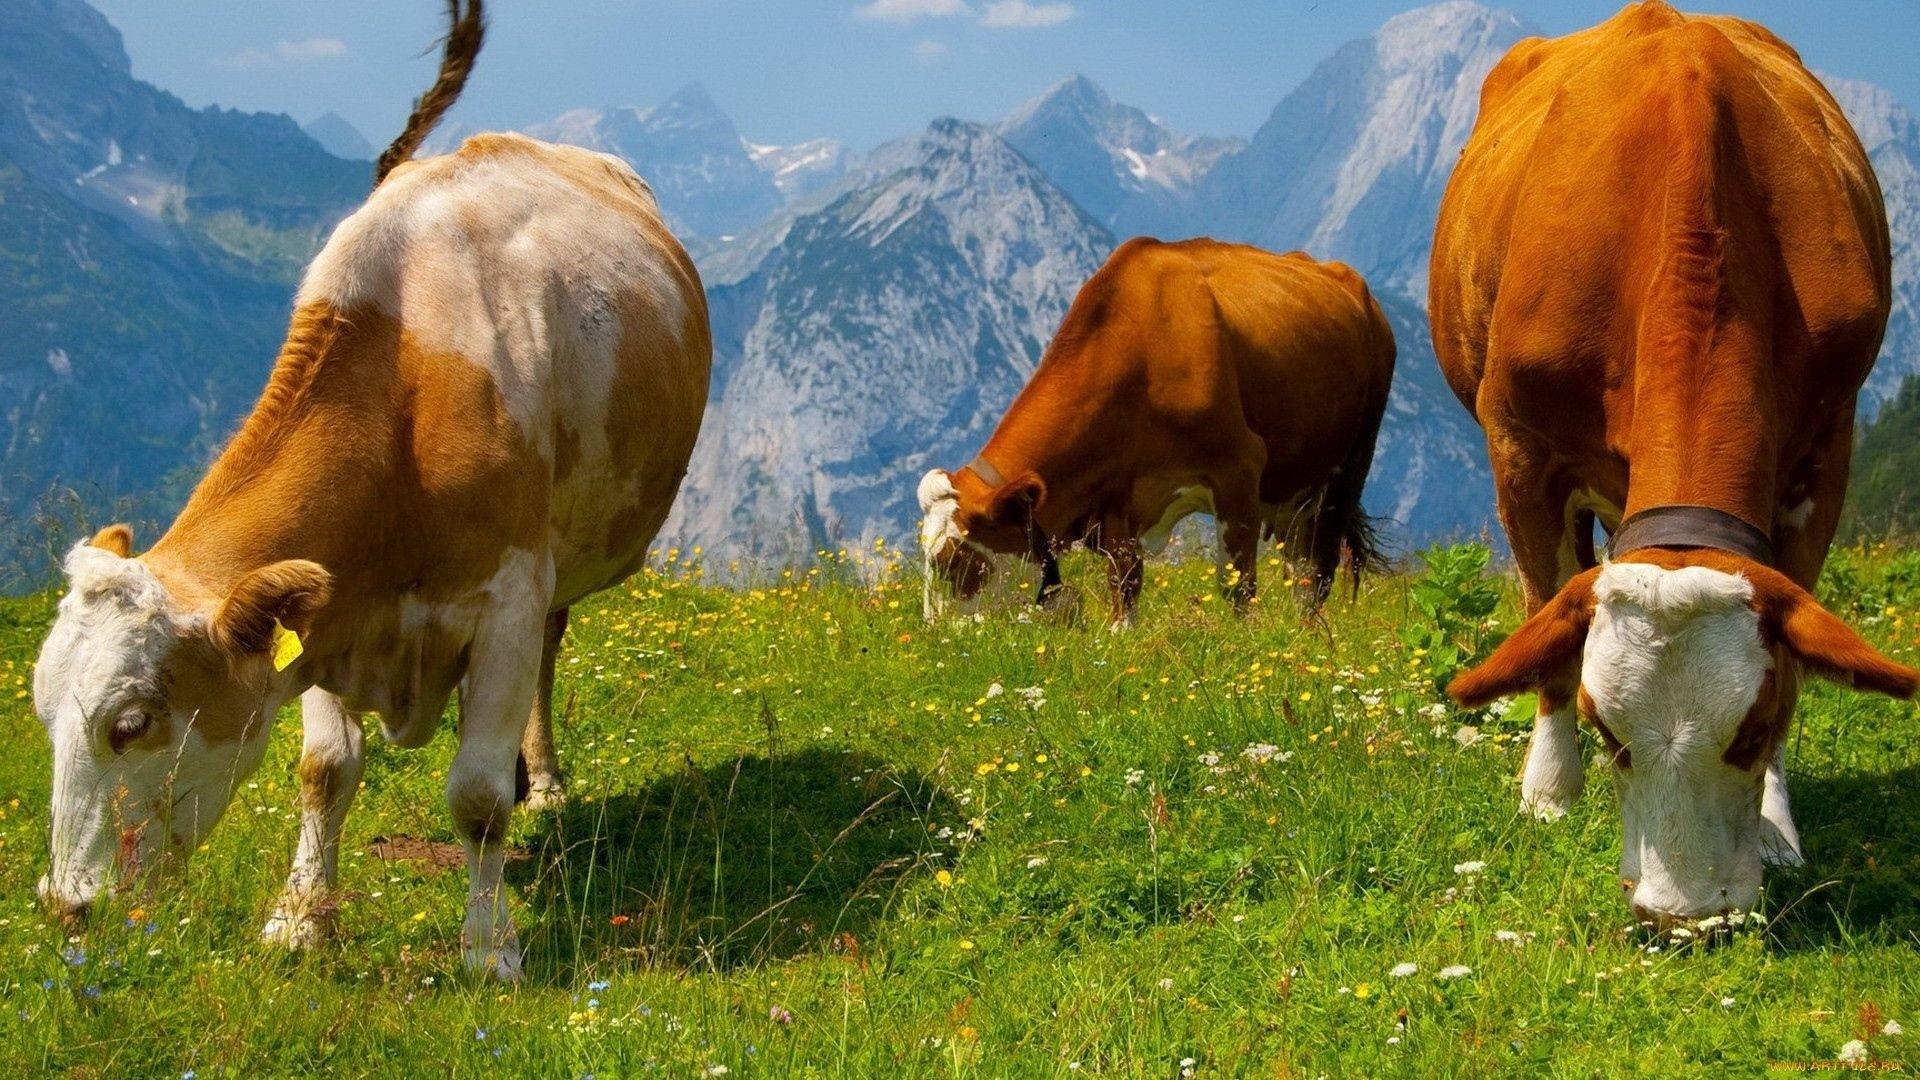 Cow PC Wallpaper HD